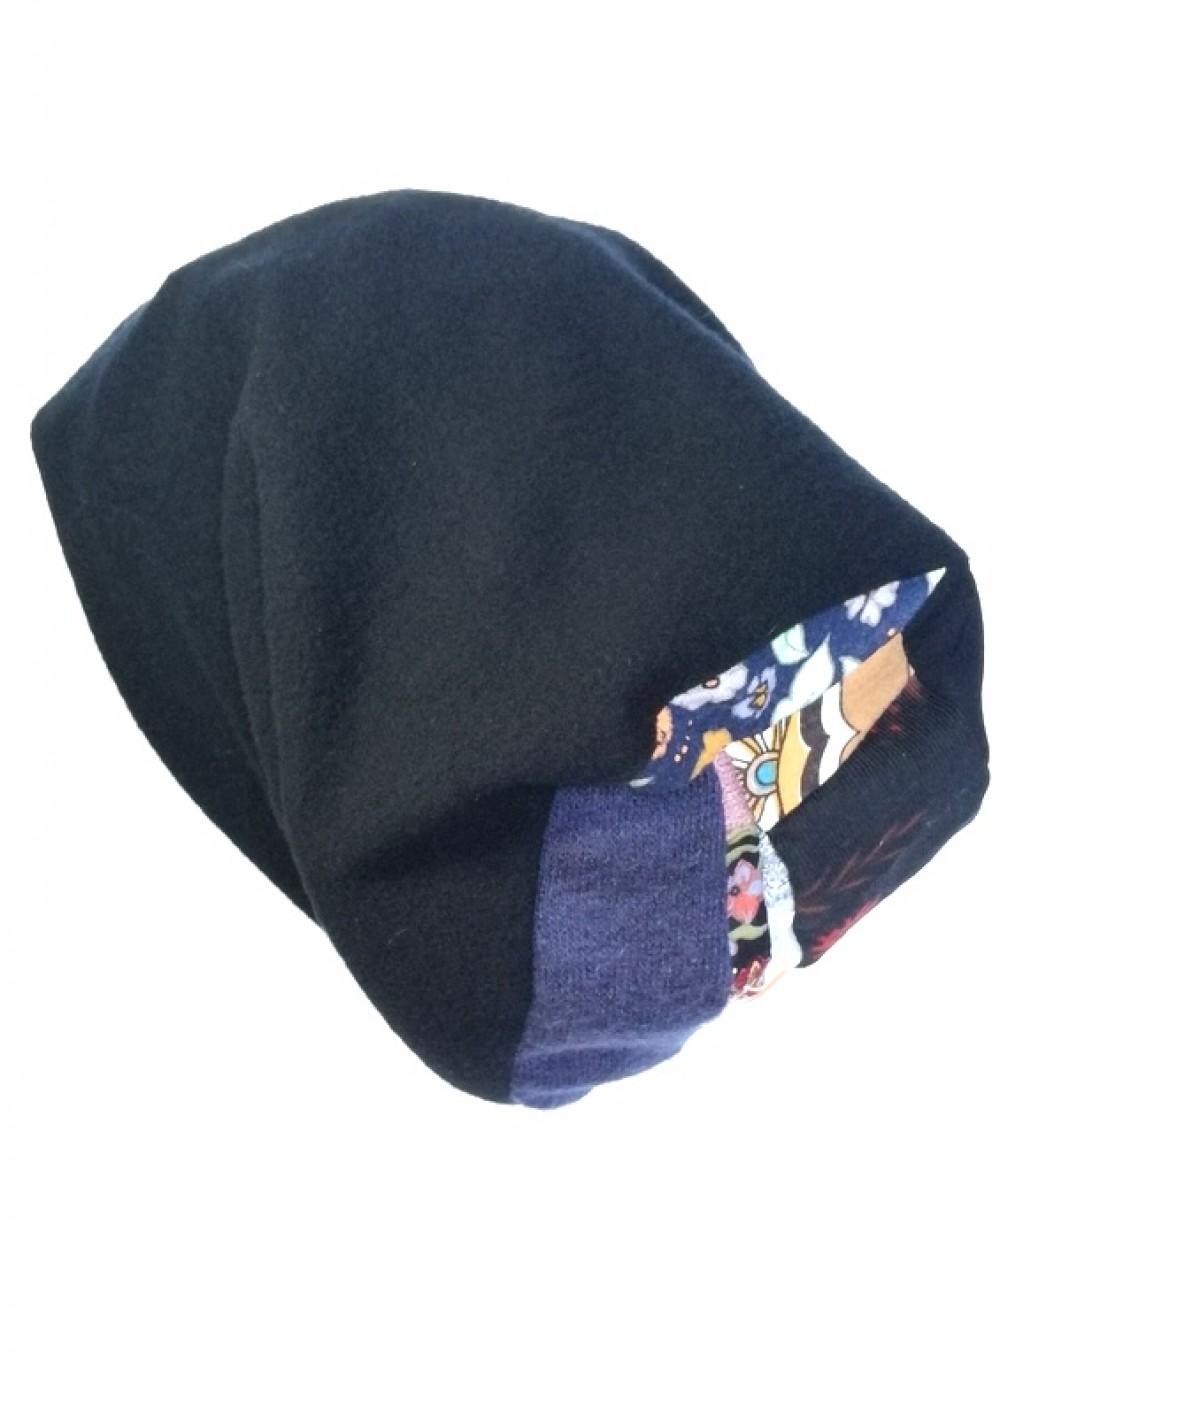 czapka czarna dzianina patchwork zimowa